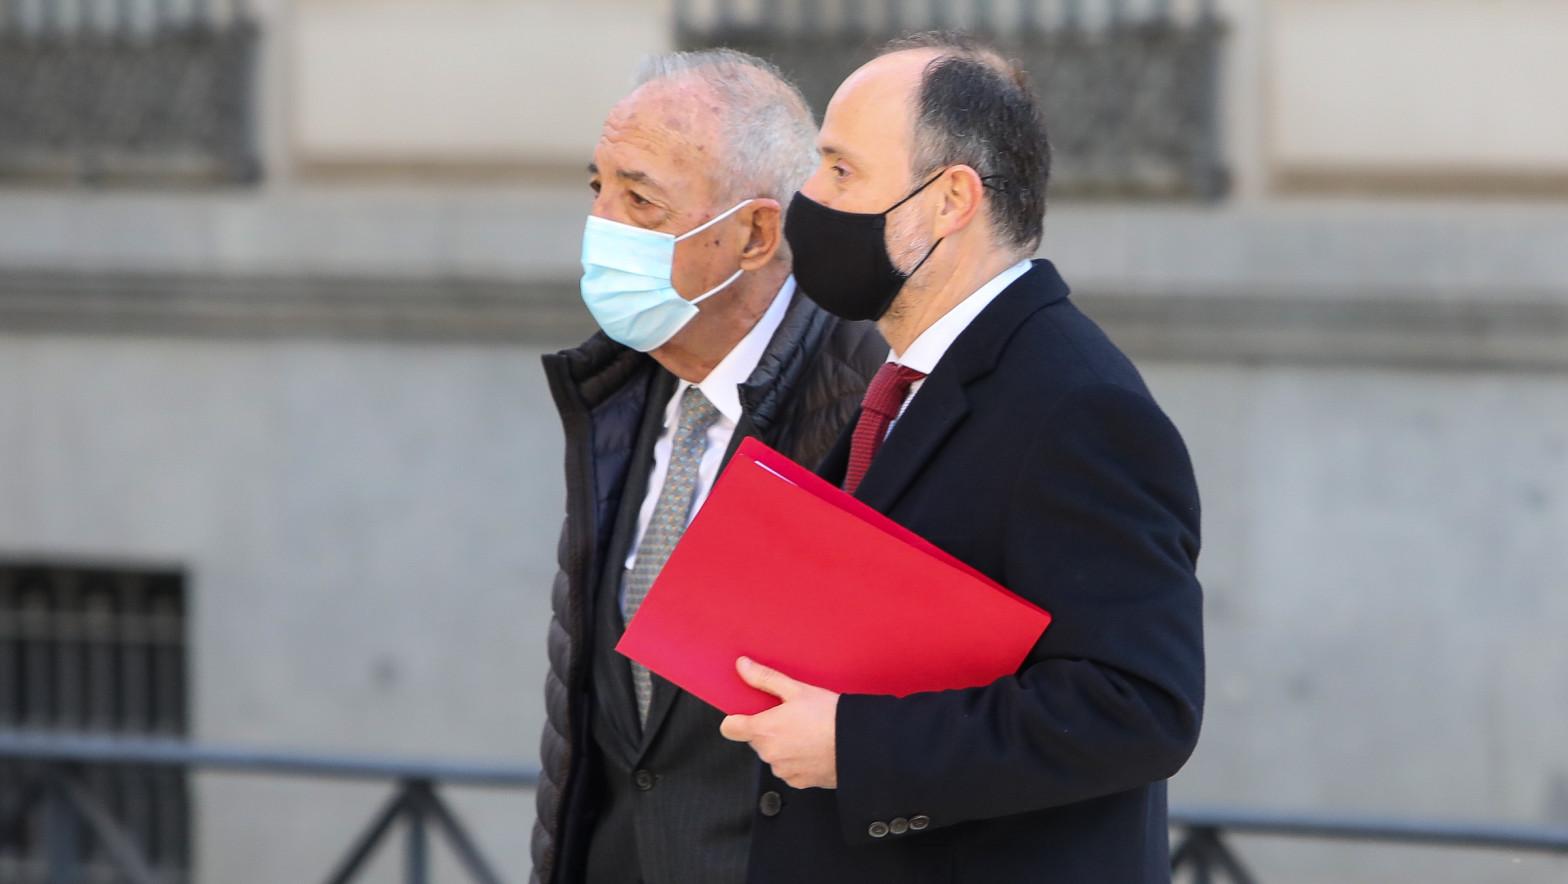 El juez desimputa al empresario al que Bárcenas acusó de entregar 60.000 euros a Aguirre